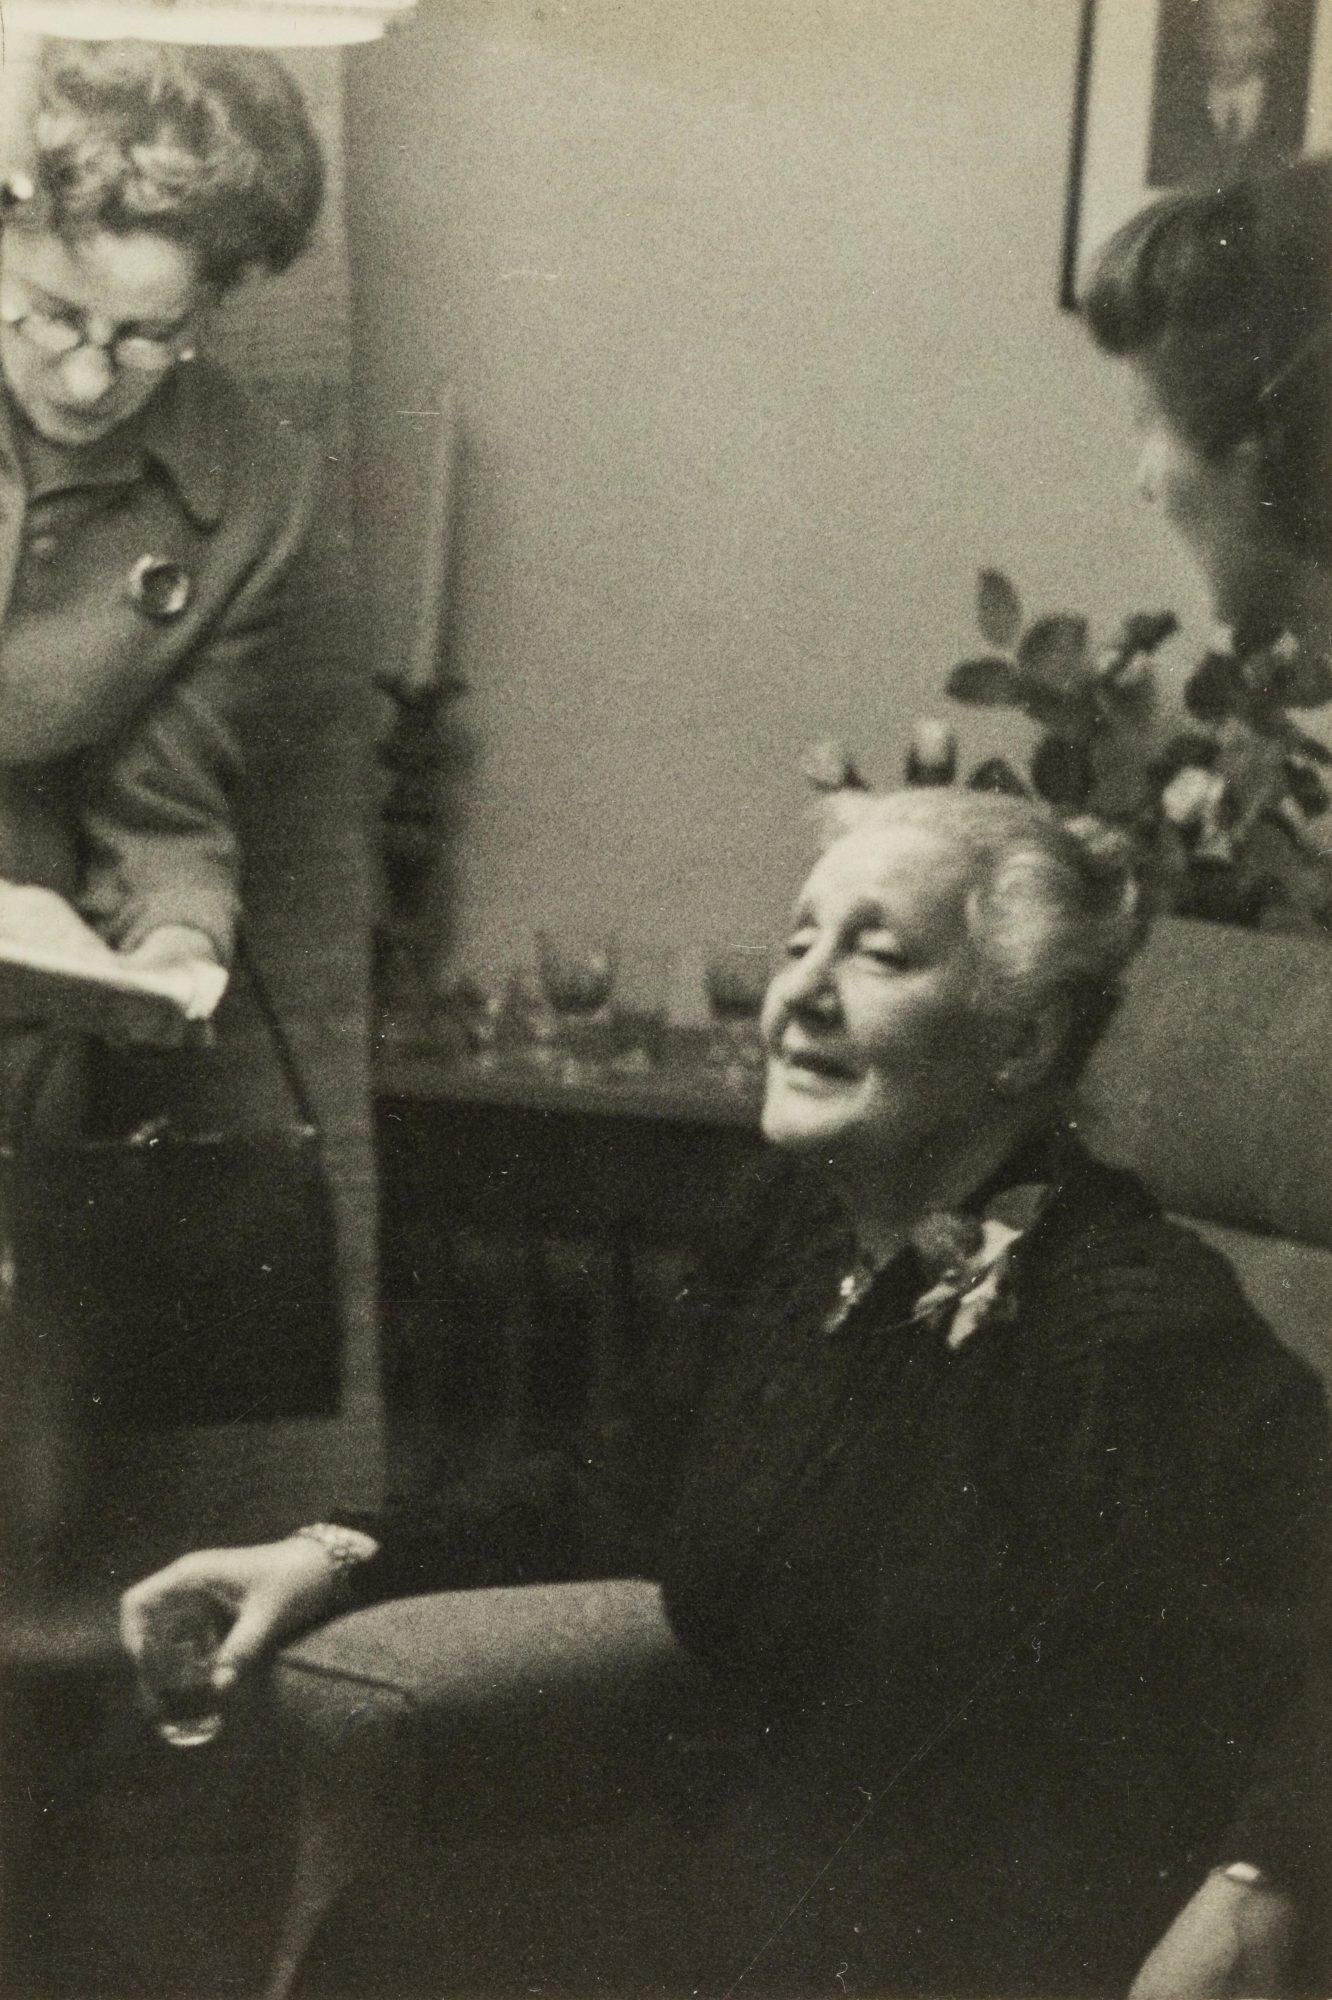 Klein en la década de 1950